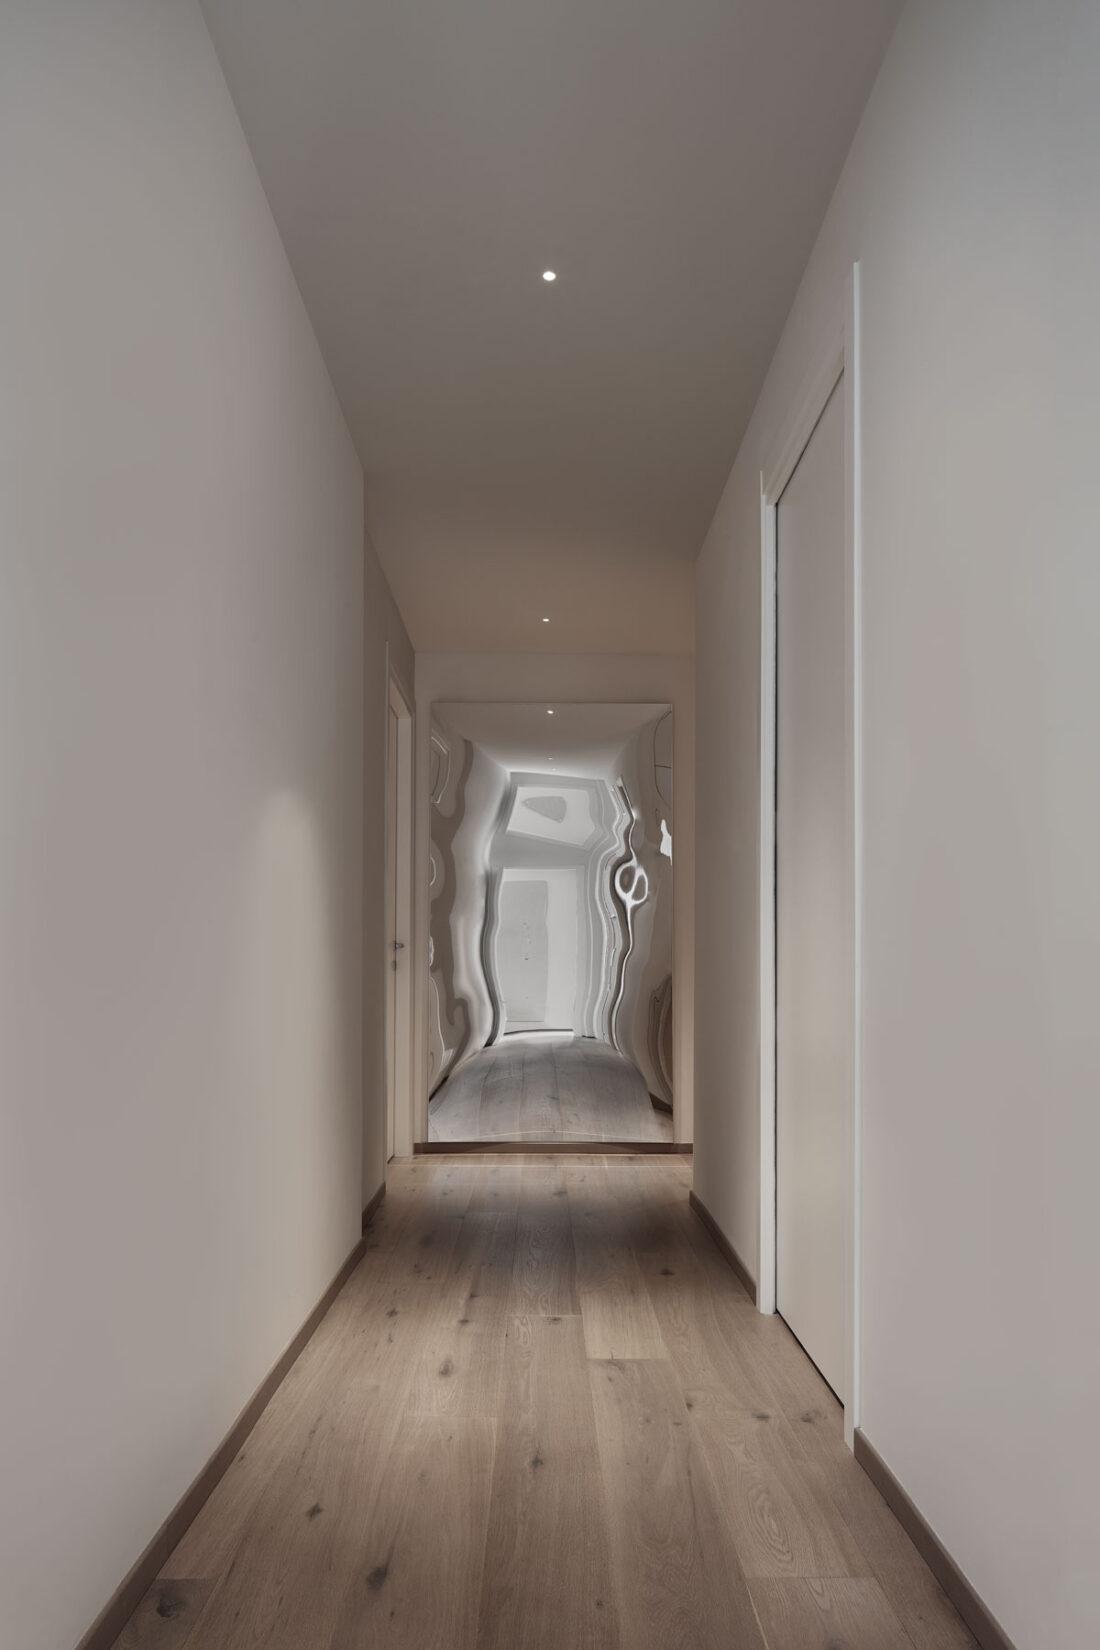 corridoio minimale di notte con uno specchio distorcente